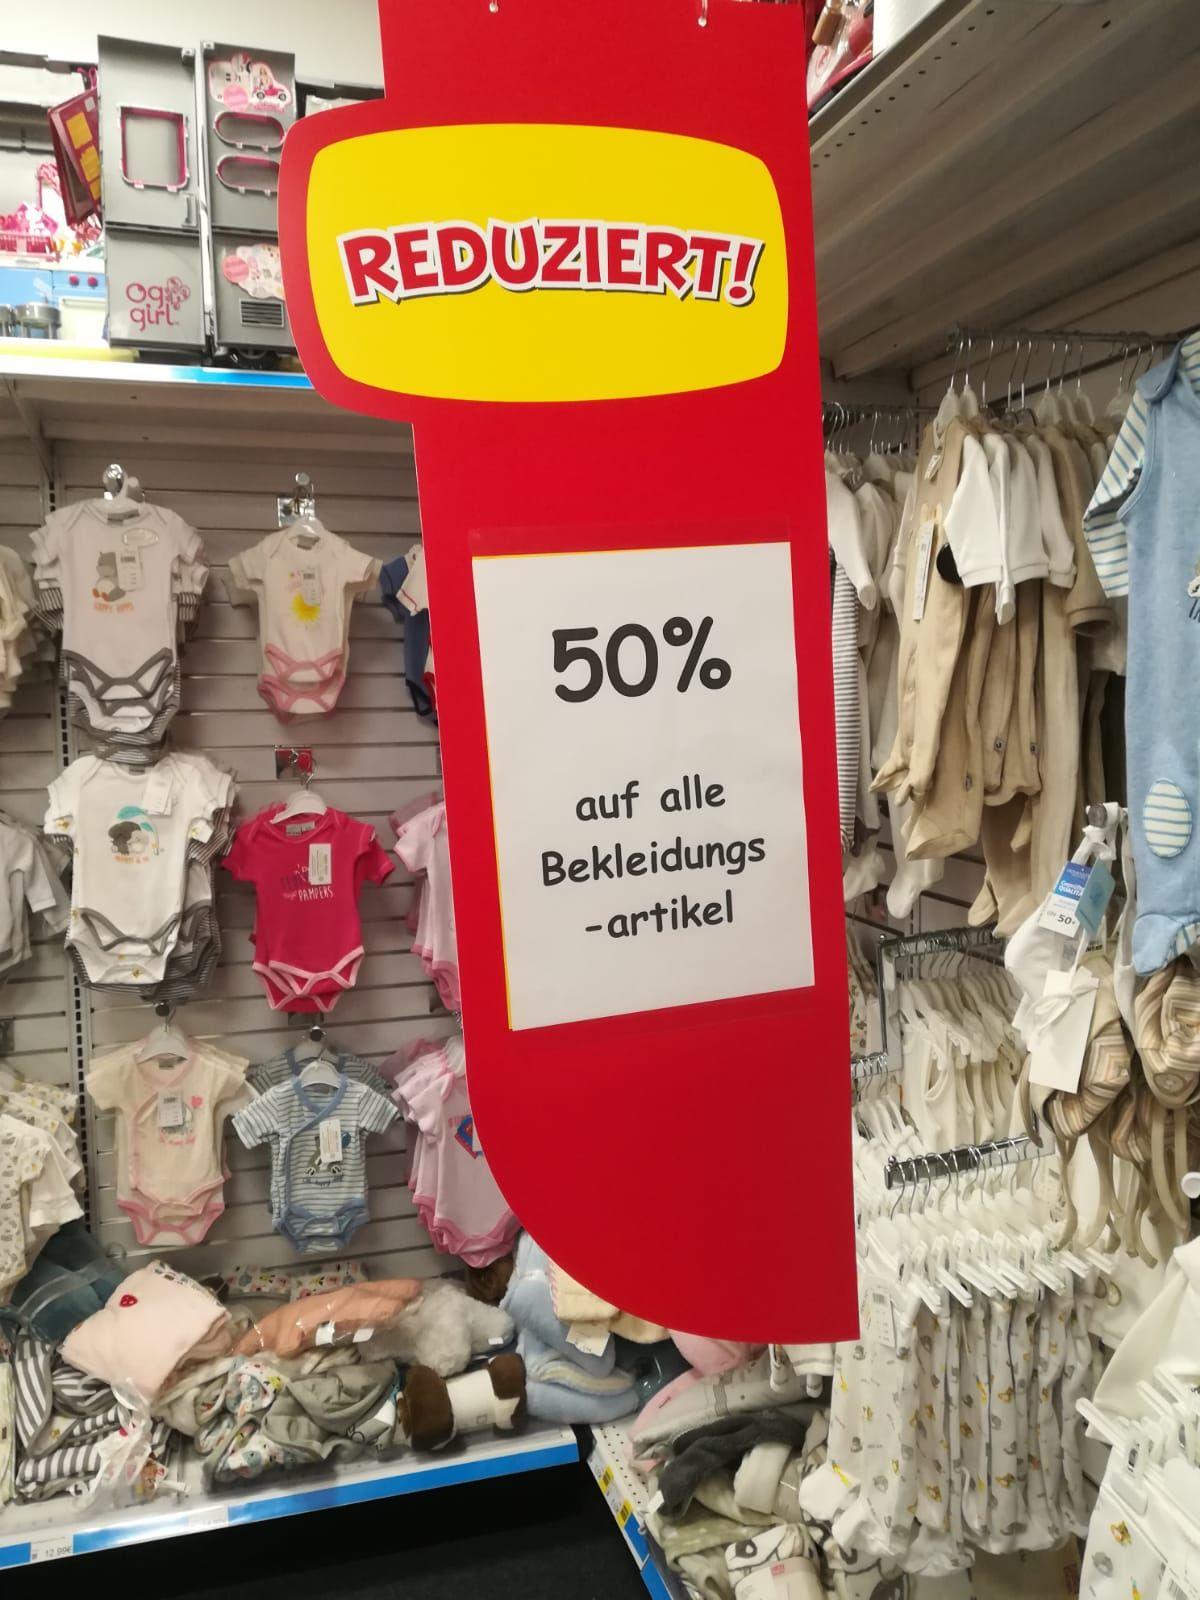 [Lokal] Düsseldorf Smyths toys - reduziert Babybekleidung um 50 %, auch auf reduzierte Ware.